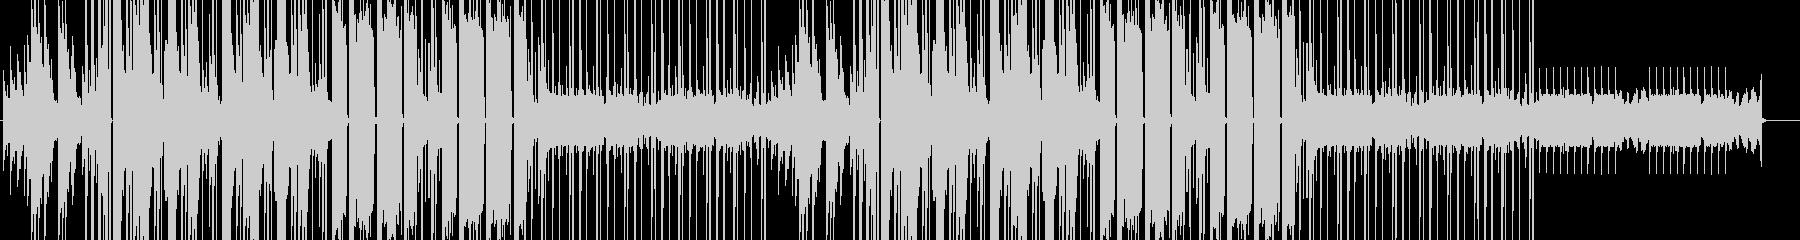 ピアノリフが続くLoFi HipHopの未再生の波形